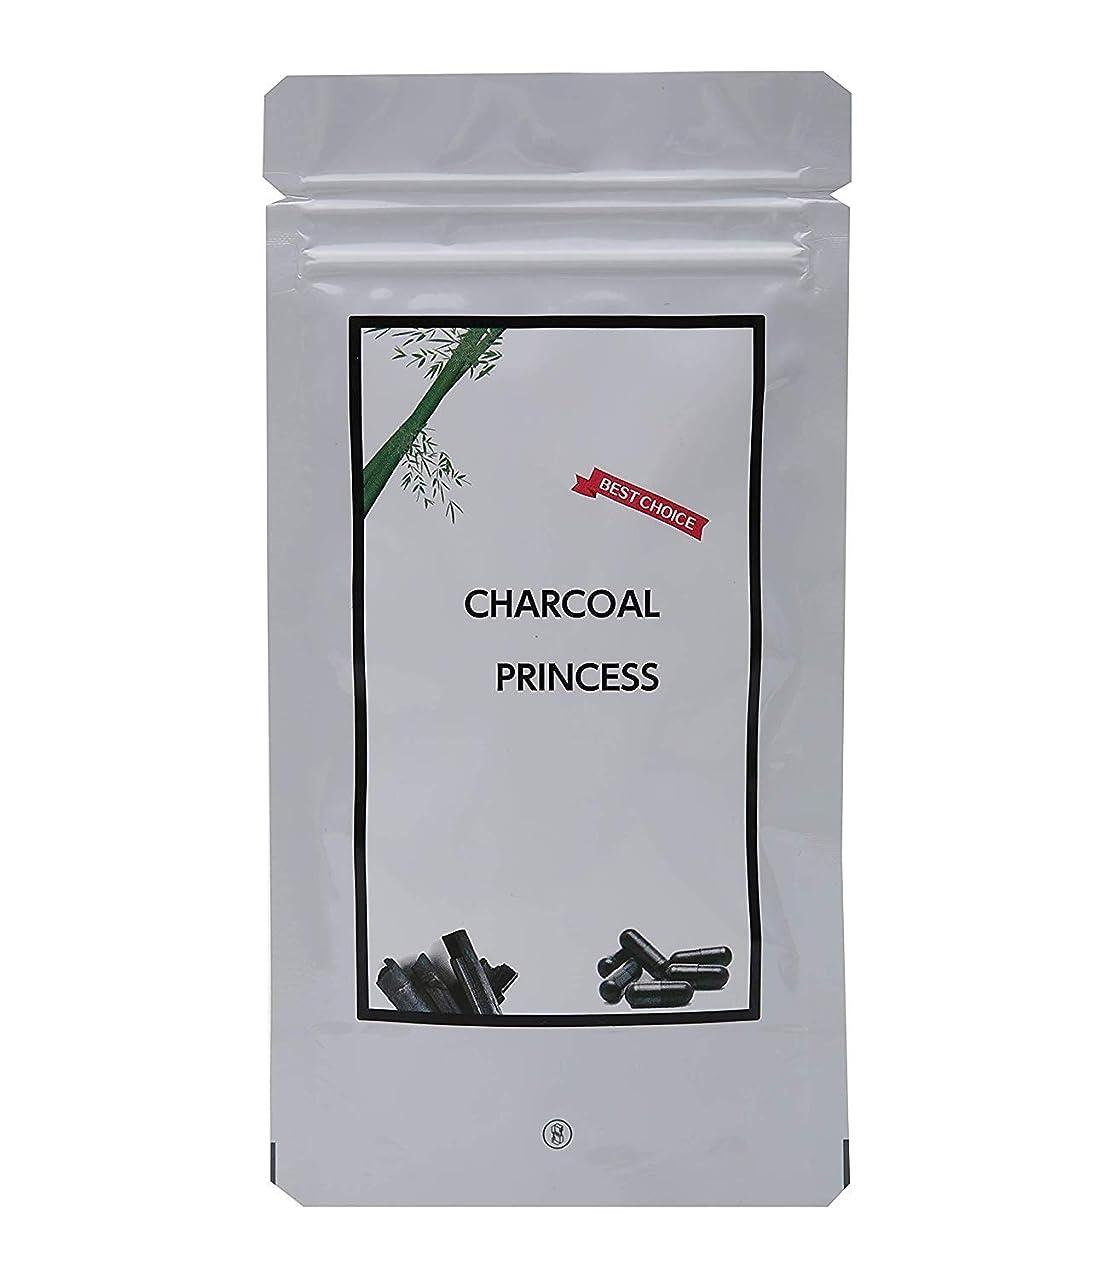 骨折埋め込む侮辱チャコールクレンズ CHARCOAL PRINCESS 竹炭粉カプセル 【90粒入】30日分